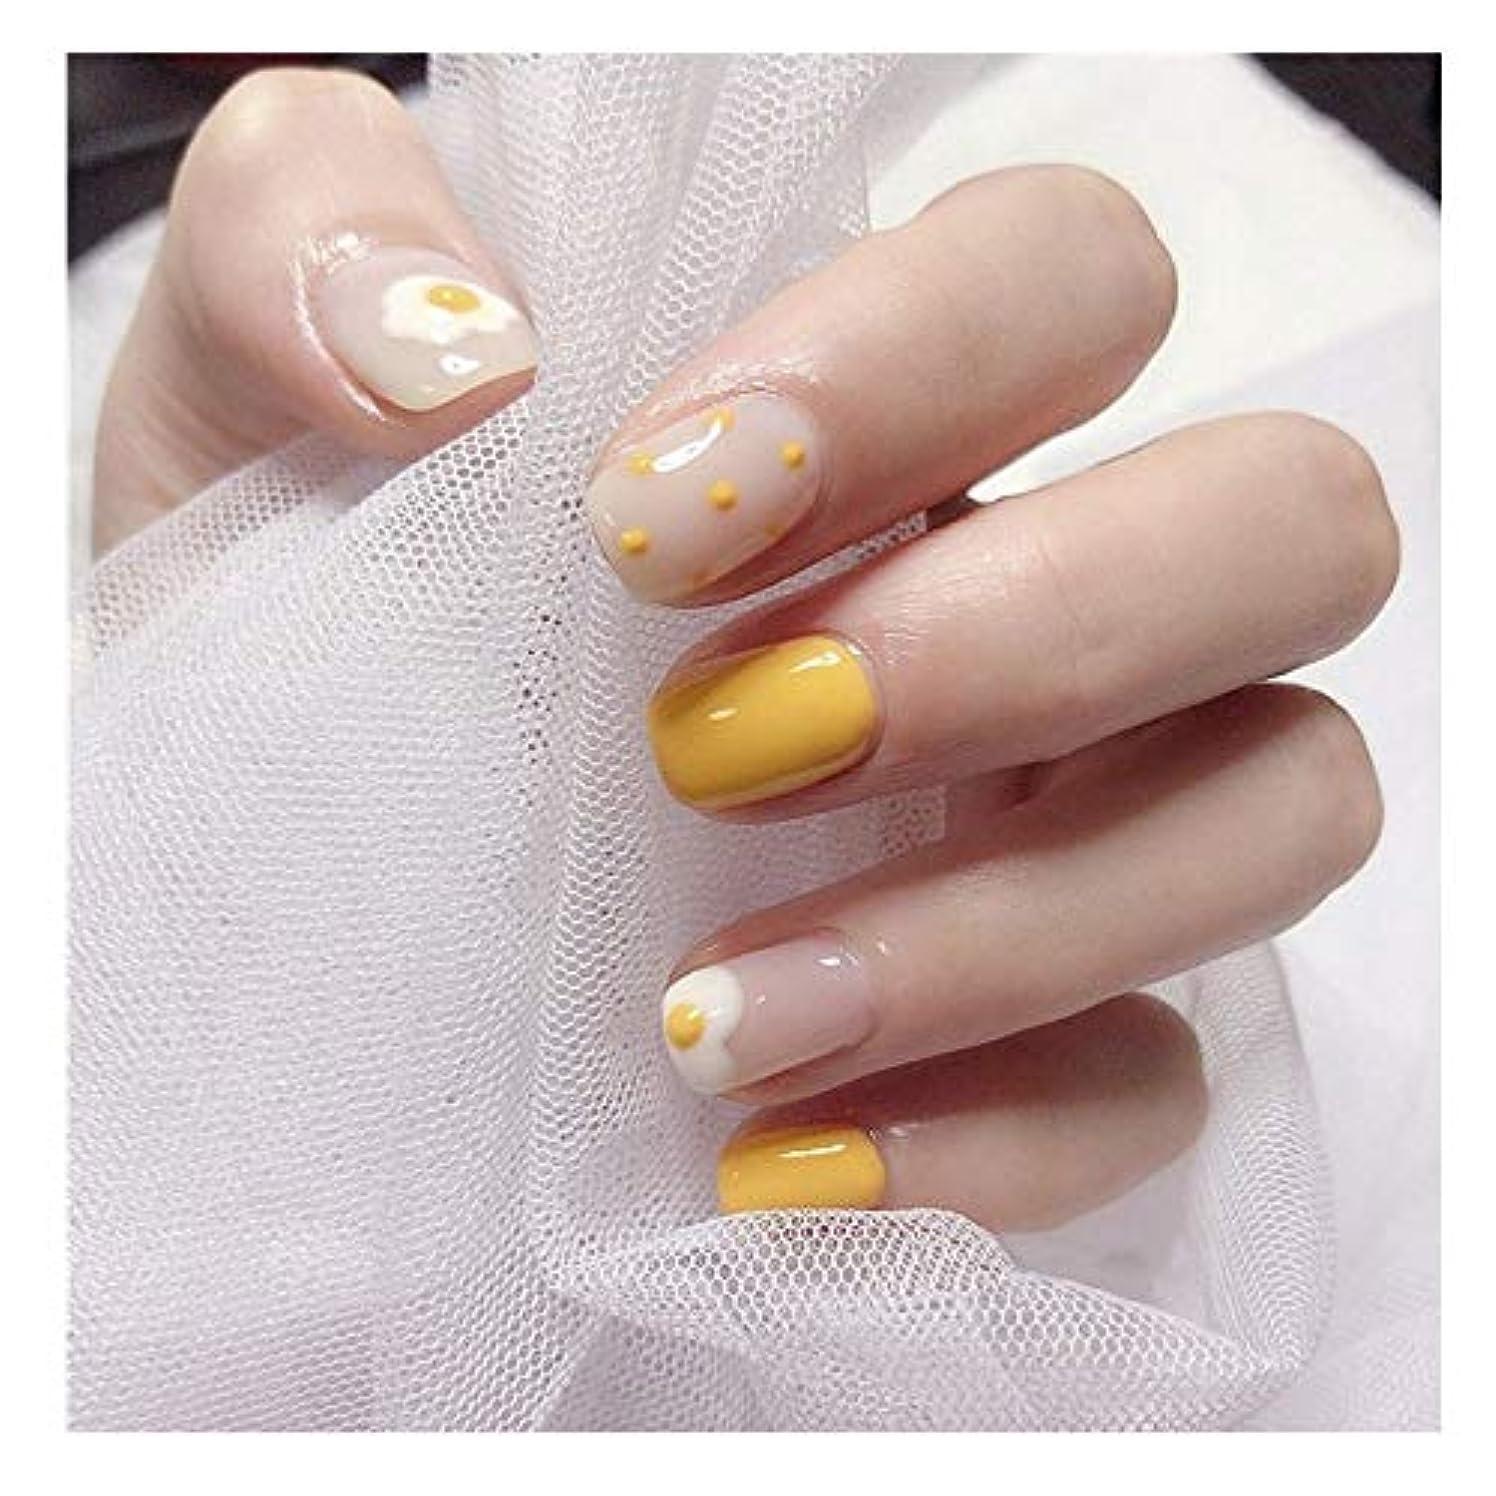 許可するすべて乱闘BOBIDYEE 黄色の卵偽の釘のショートスクエアネイルグルー完成ネイルアートフェイクネイルズ (色 : 24 pieces)